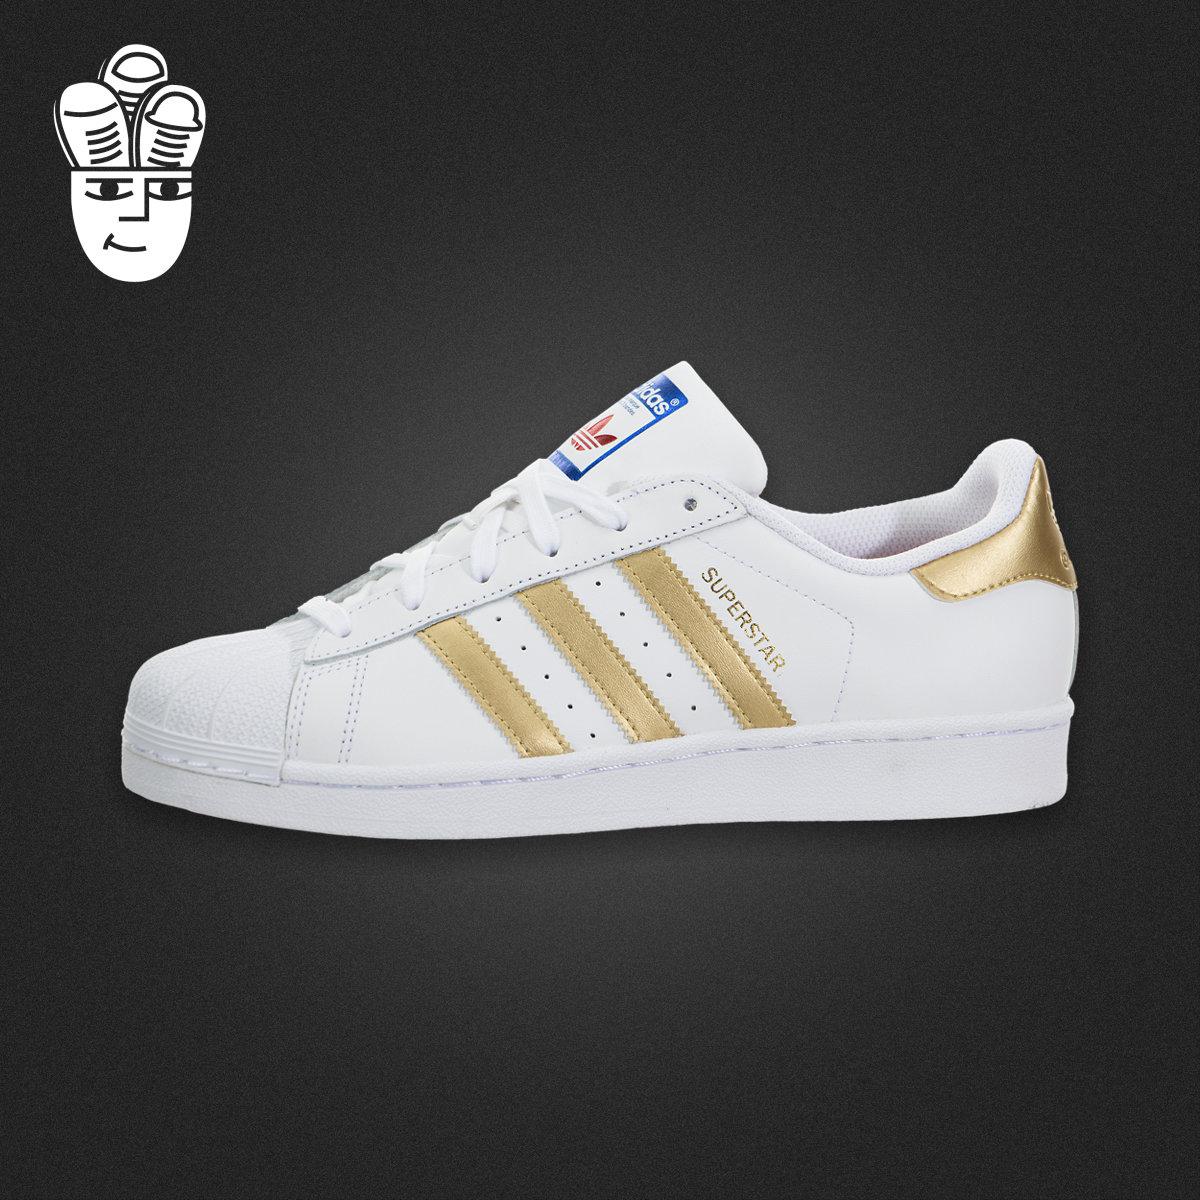 Adidas cabeza 10692 Superstar blanca W clover zapatos de mujer clásico toda la cabeza de concha blanca a223559 - antibiotikaamning.website